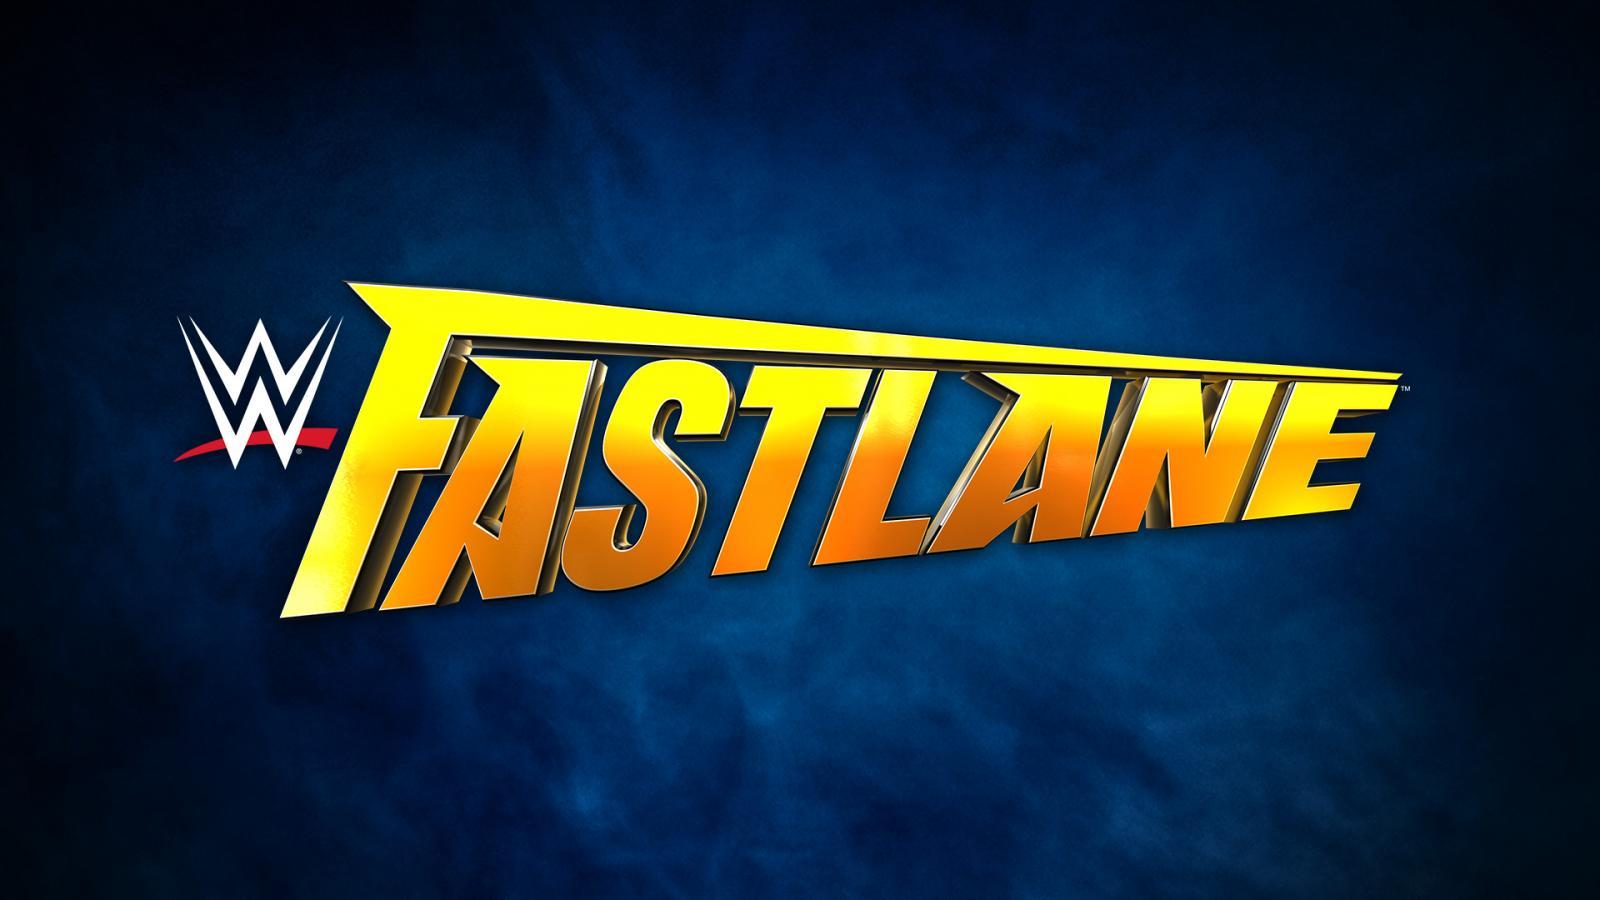 Fastlane 2017